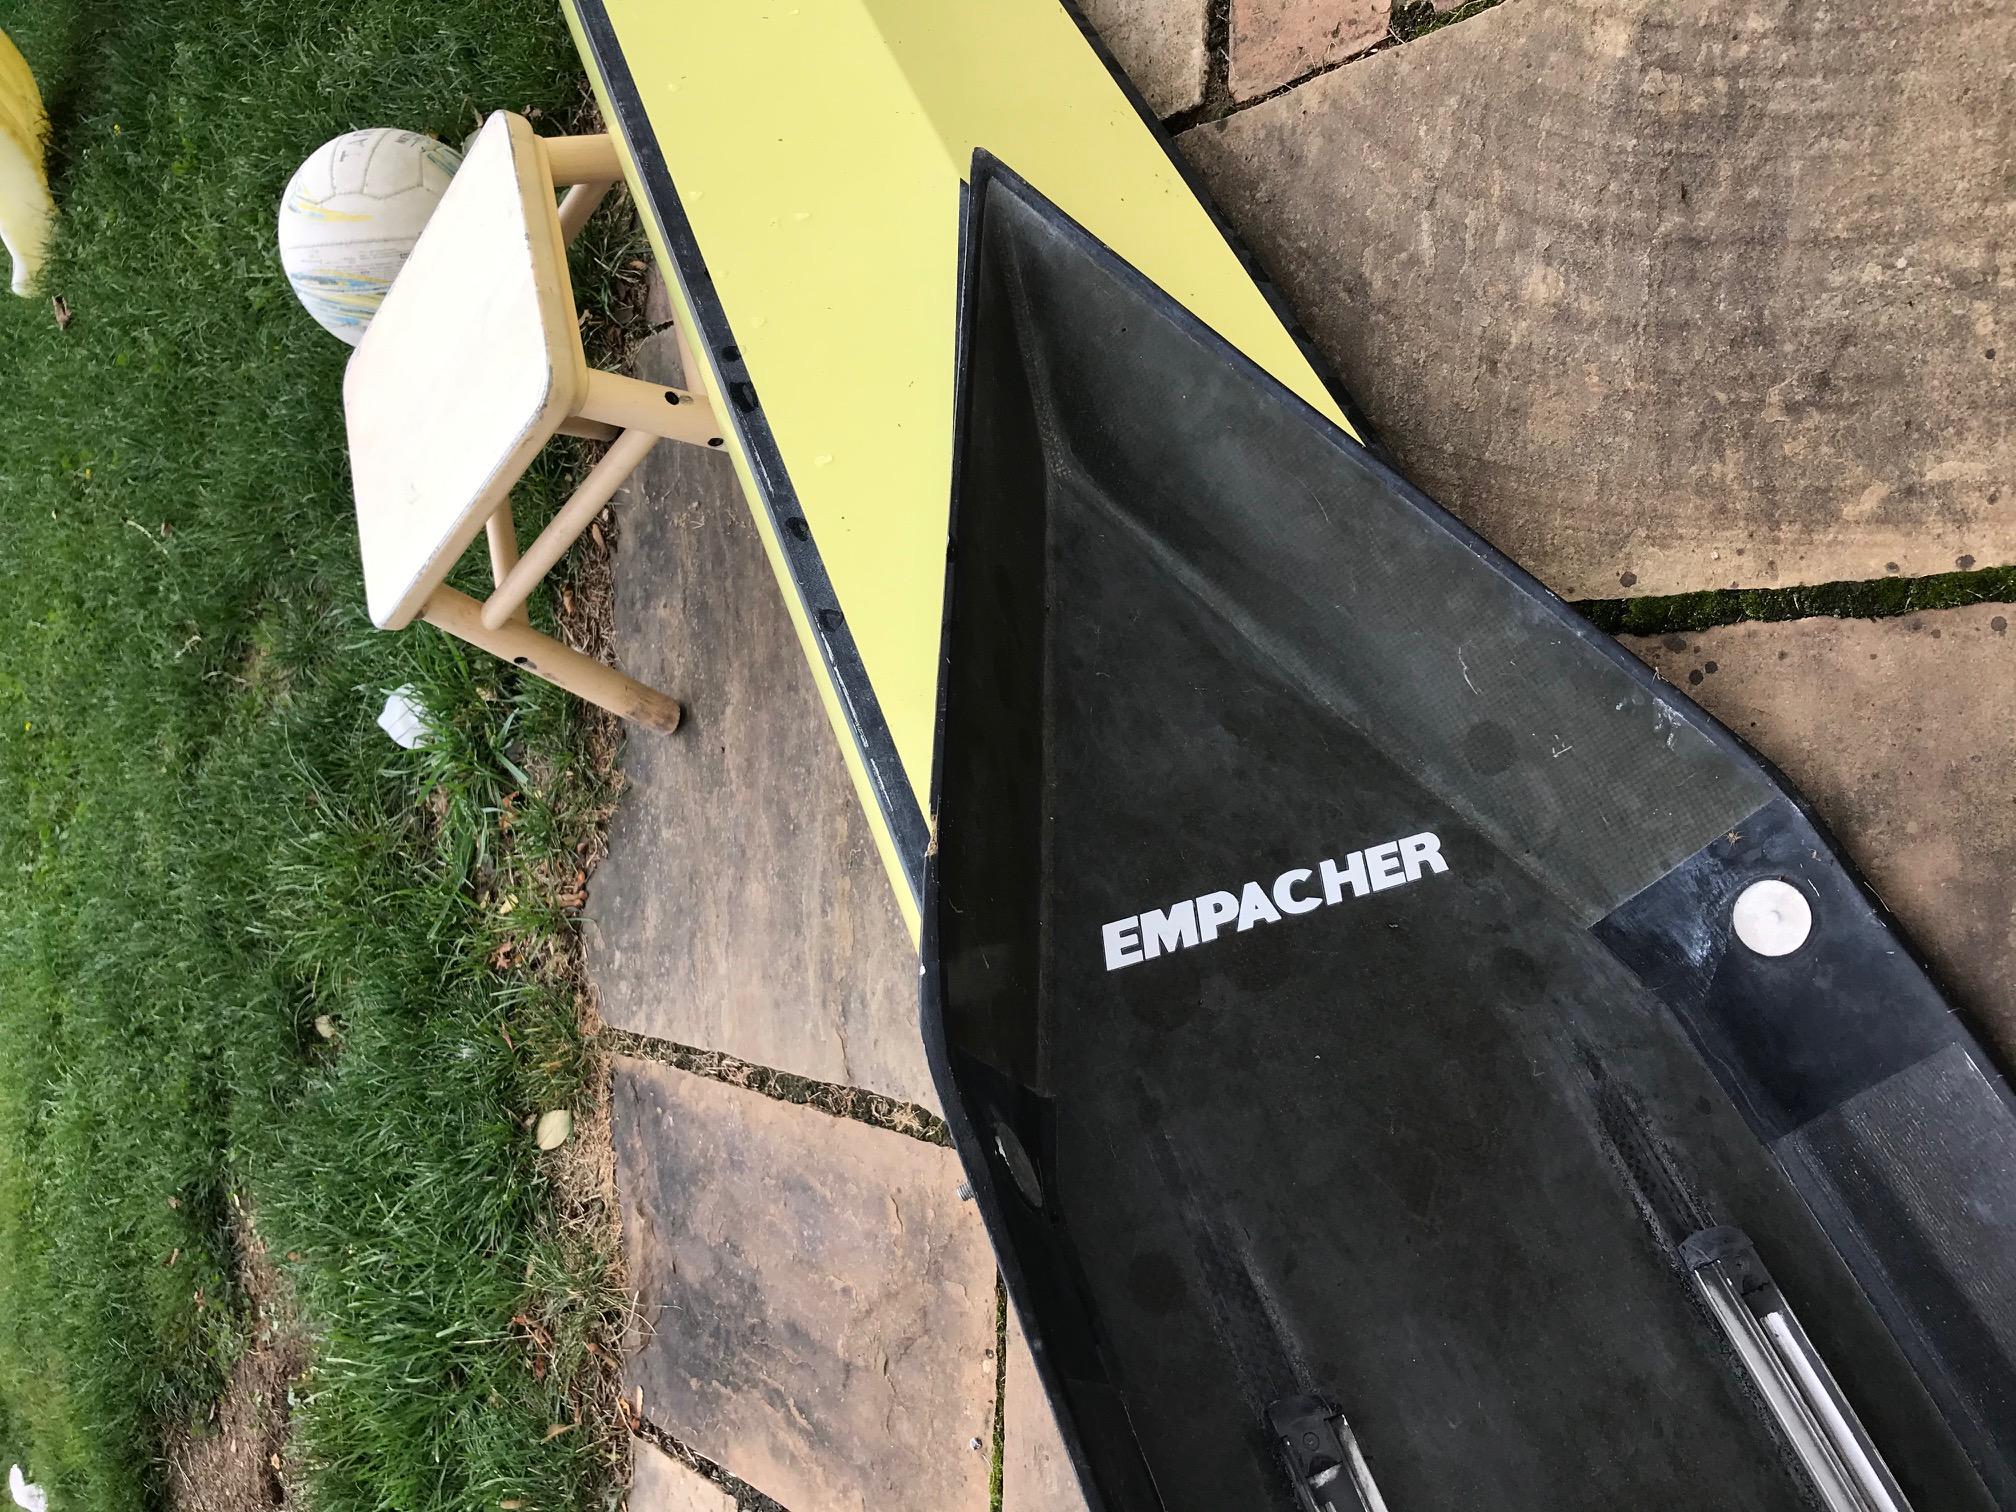 Empacher 75-85kg 2007 single